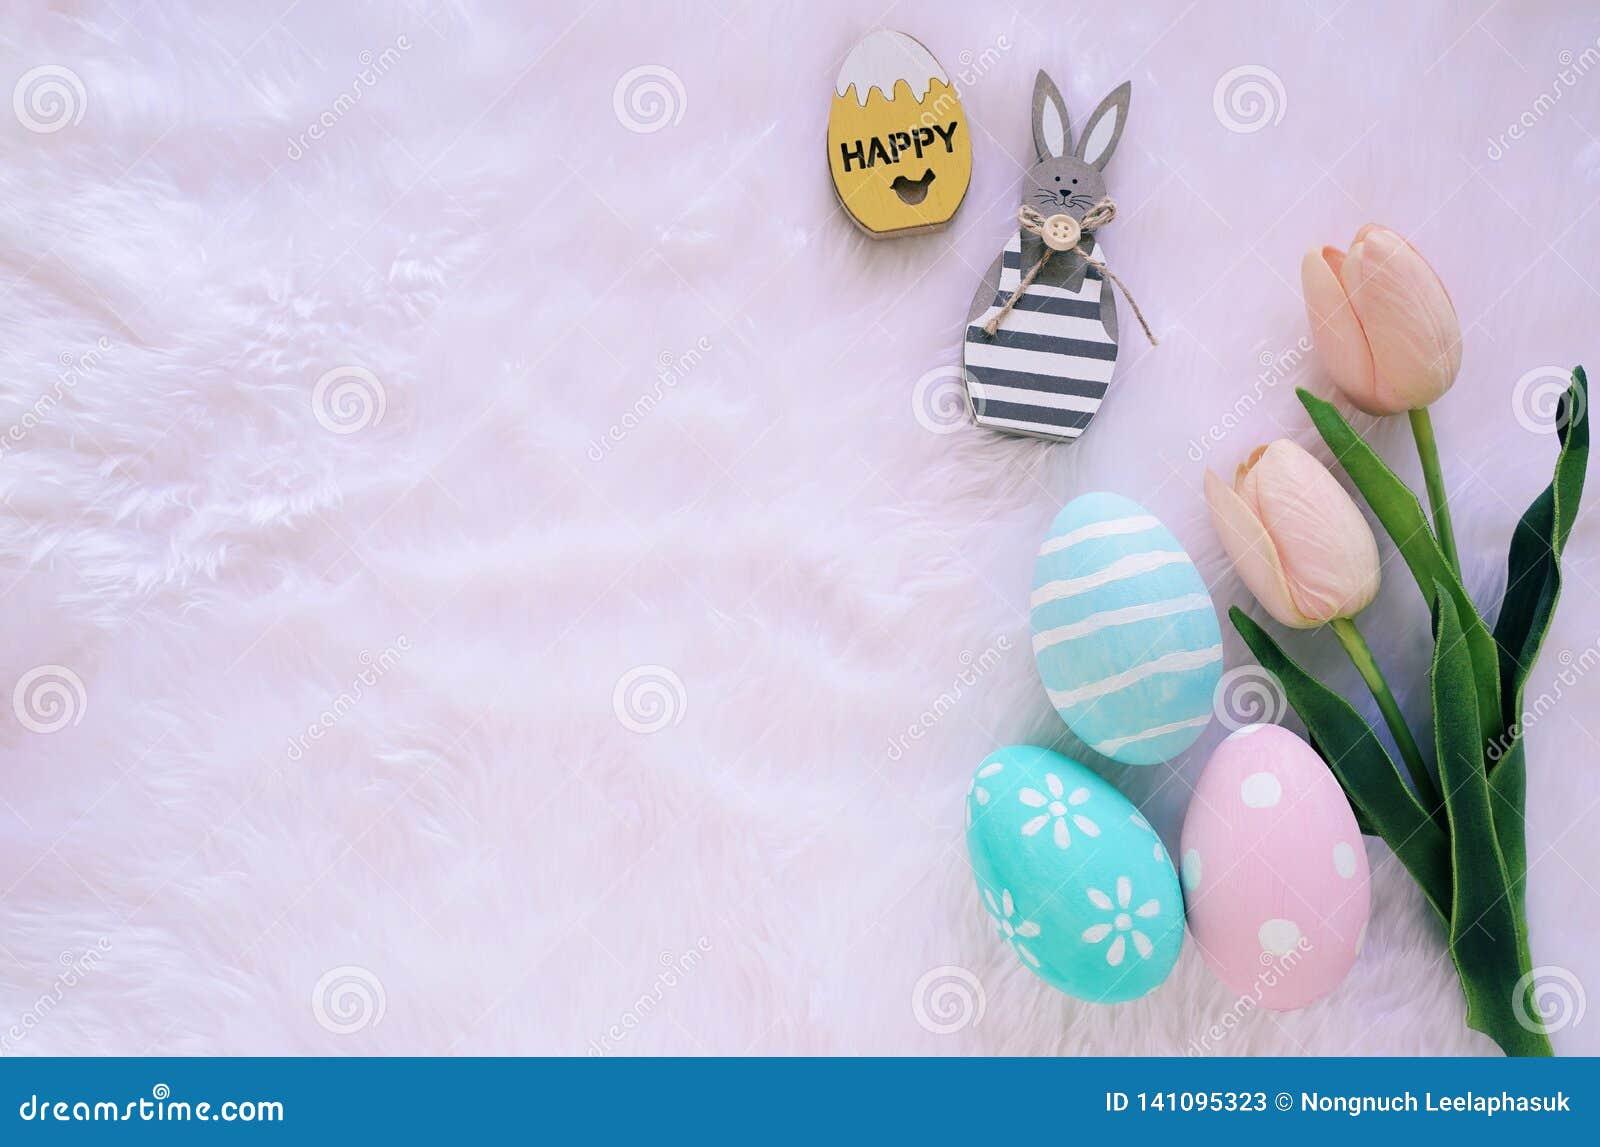 Ευτυχής έννοια Πάσχας με το ξύλινο λαγουδάκι και τα ζωηρόχρωμα αυγά Πάσχας στο άσπρο υπόβαθρο γουνών και τις ρόδινες τουλίπες